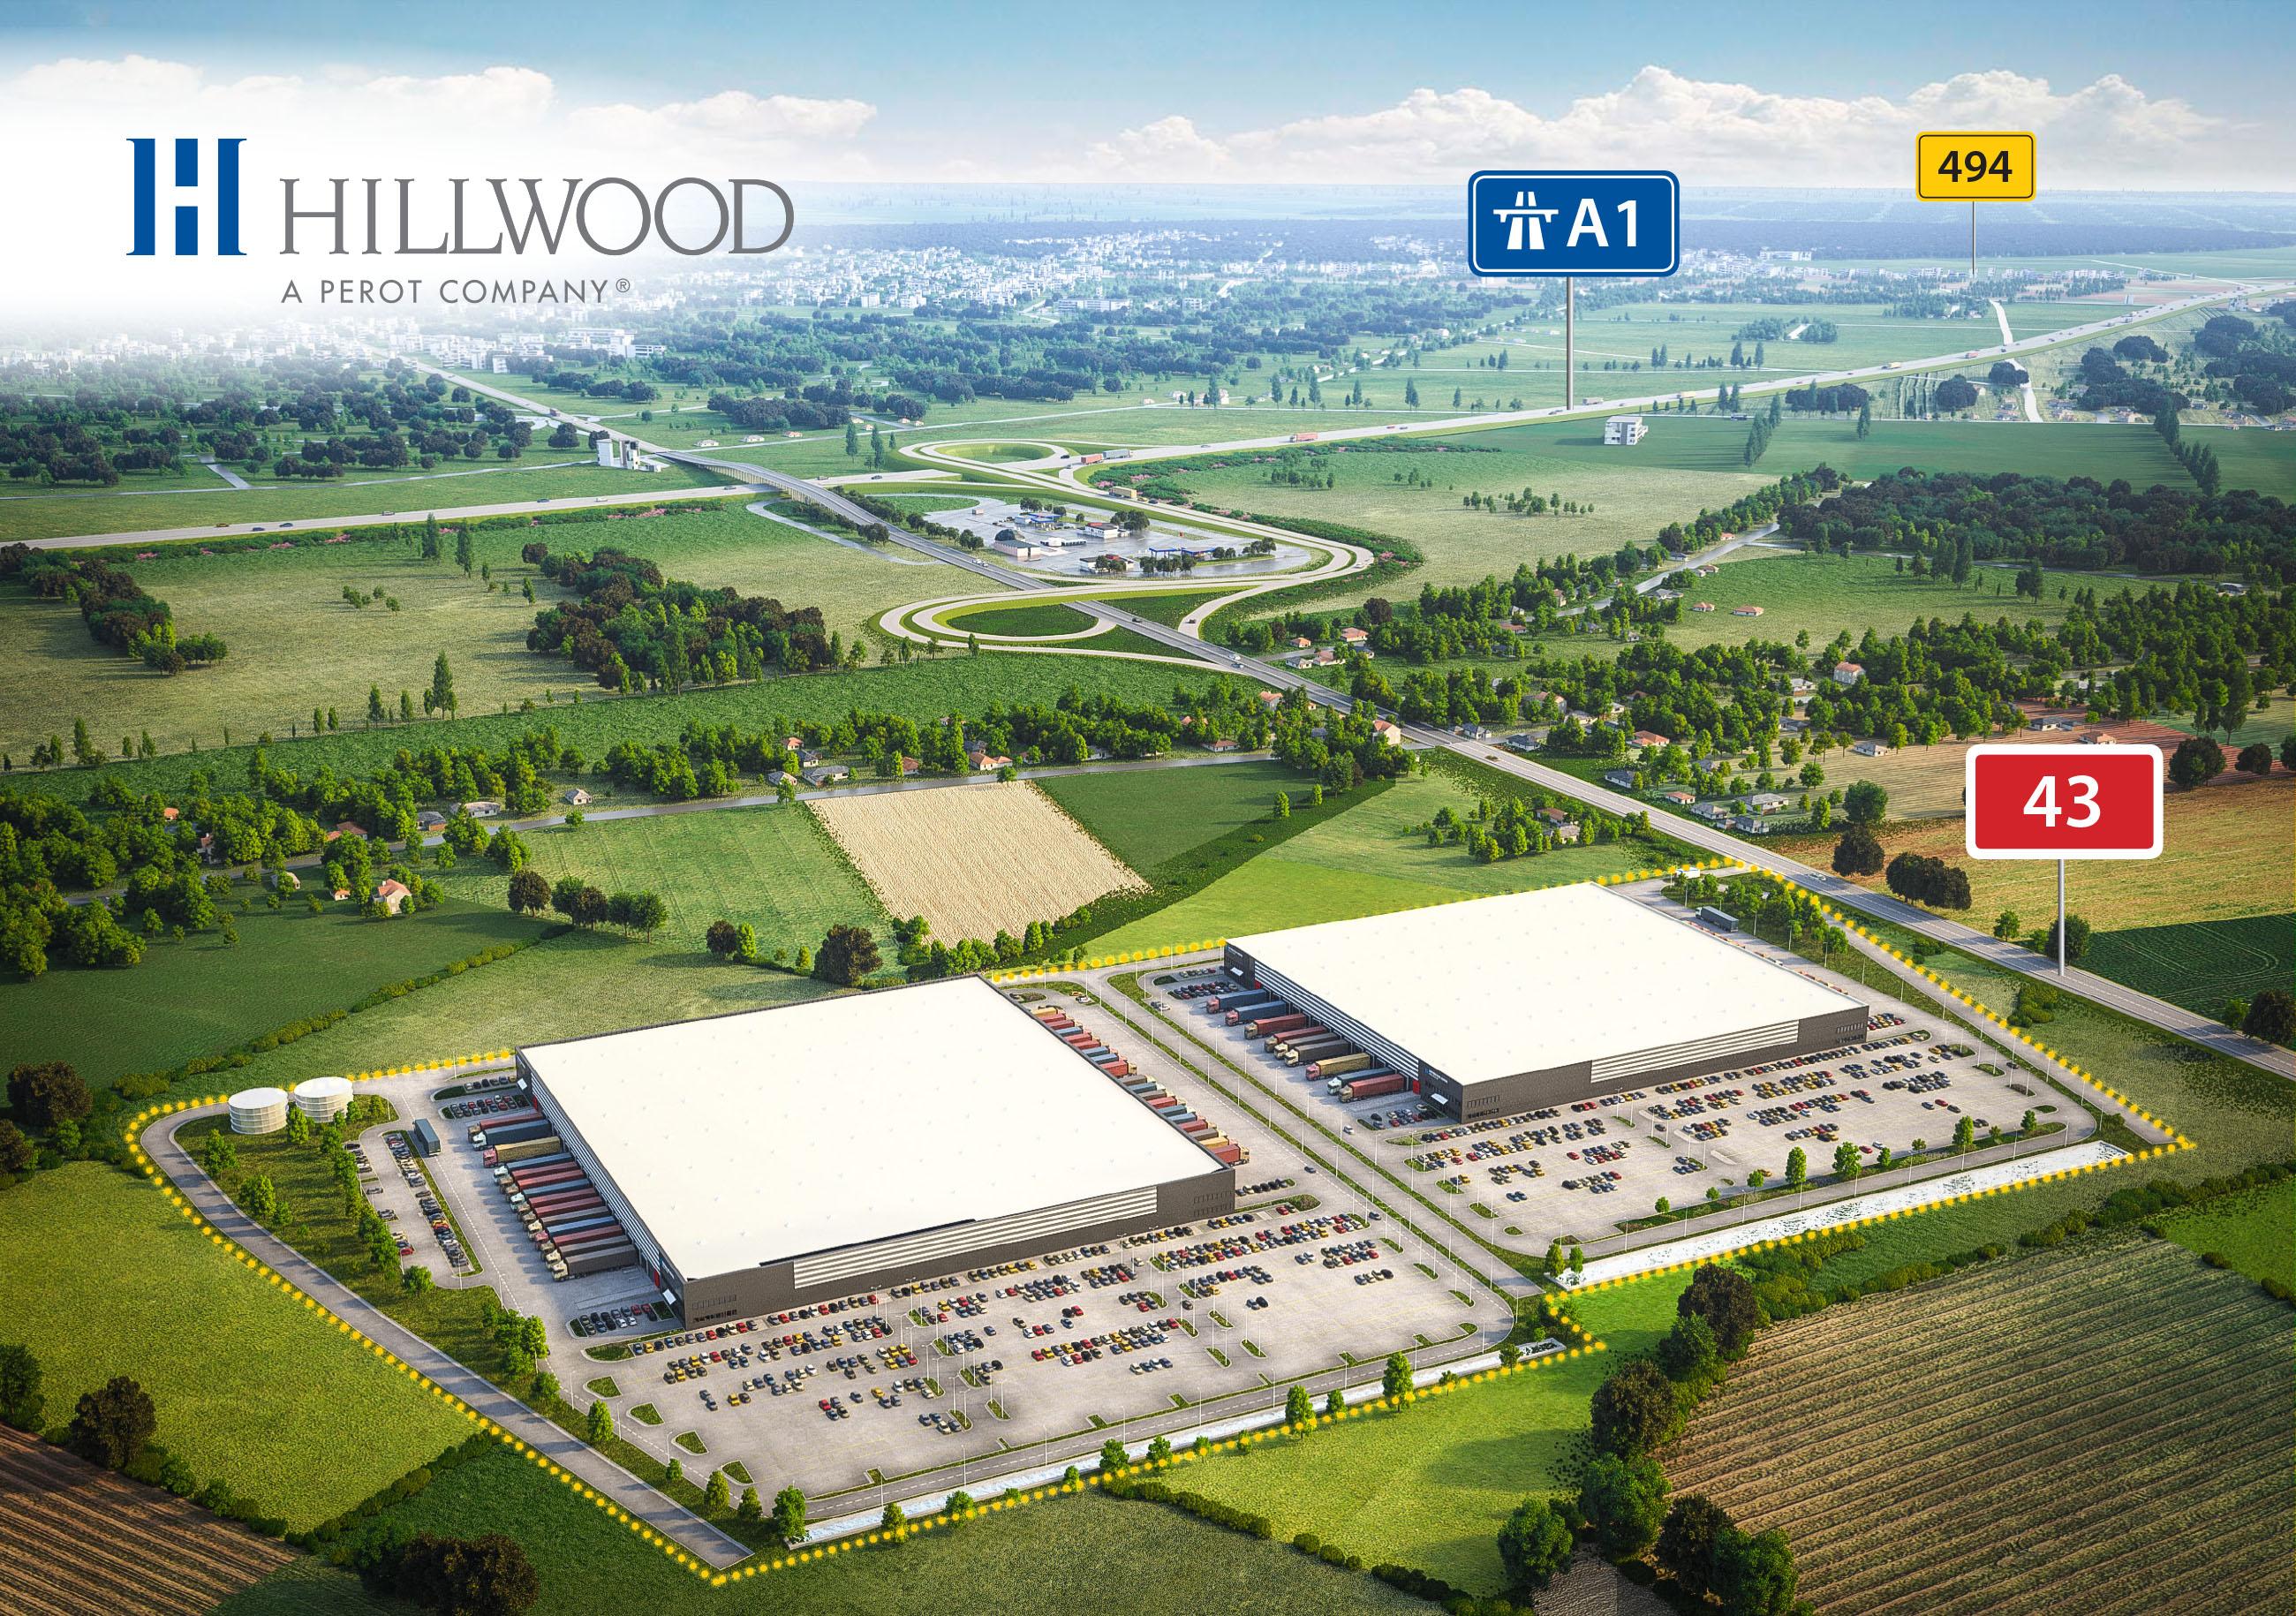 Firma Hillwood buduje na terenie gminy Kłobuck 57 tys. mkw powierzchni magazynowych. Obecnie gotowy jest jeden z dwóch budynków (fot. mat. pras.)